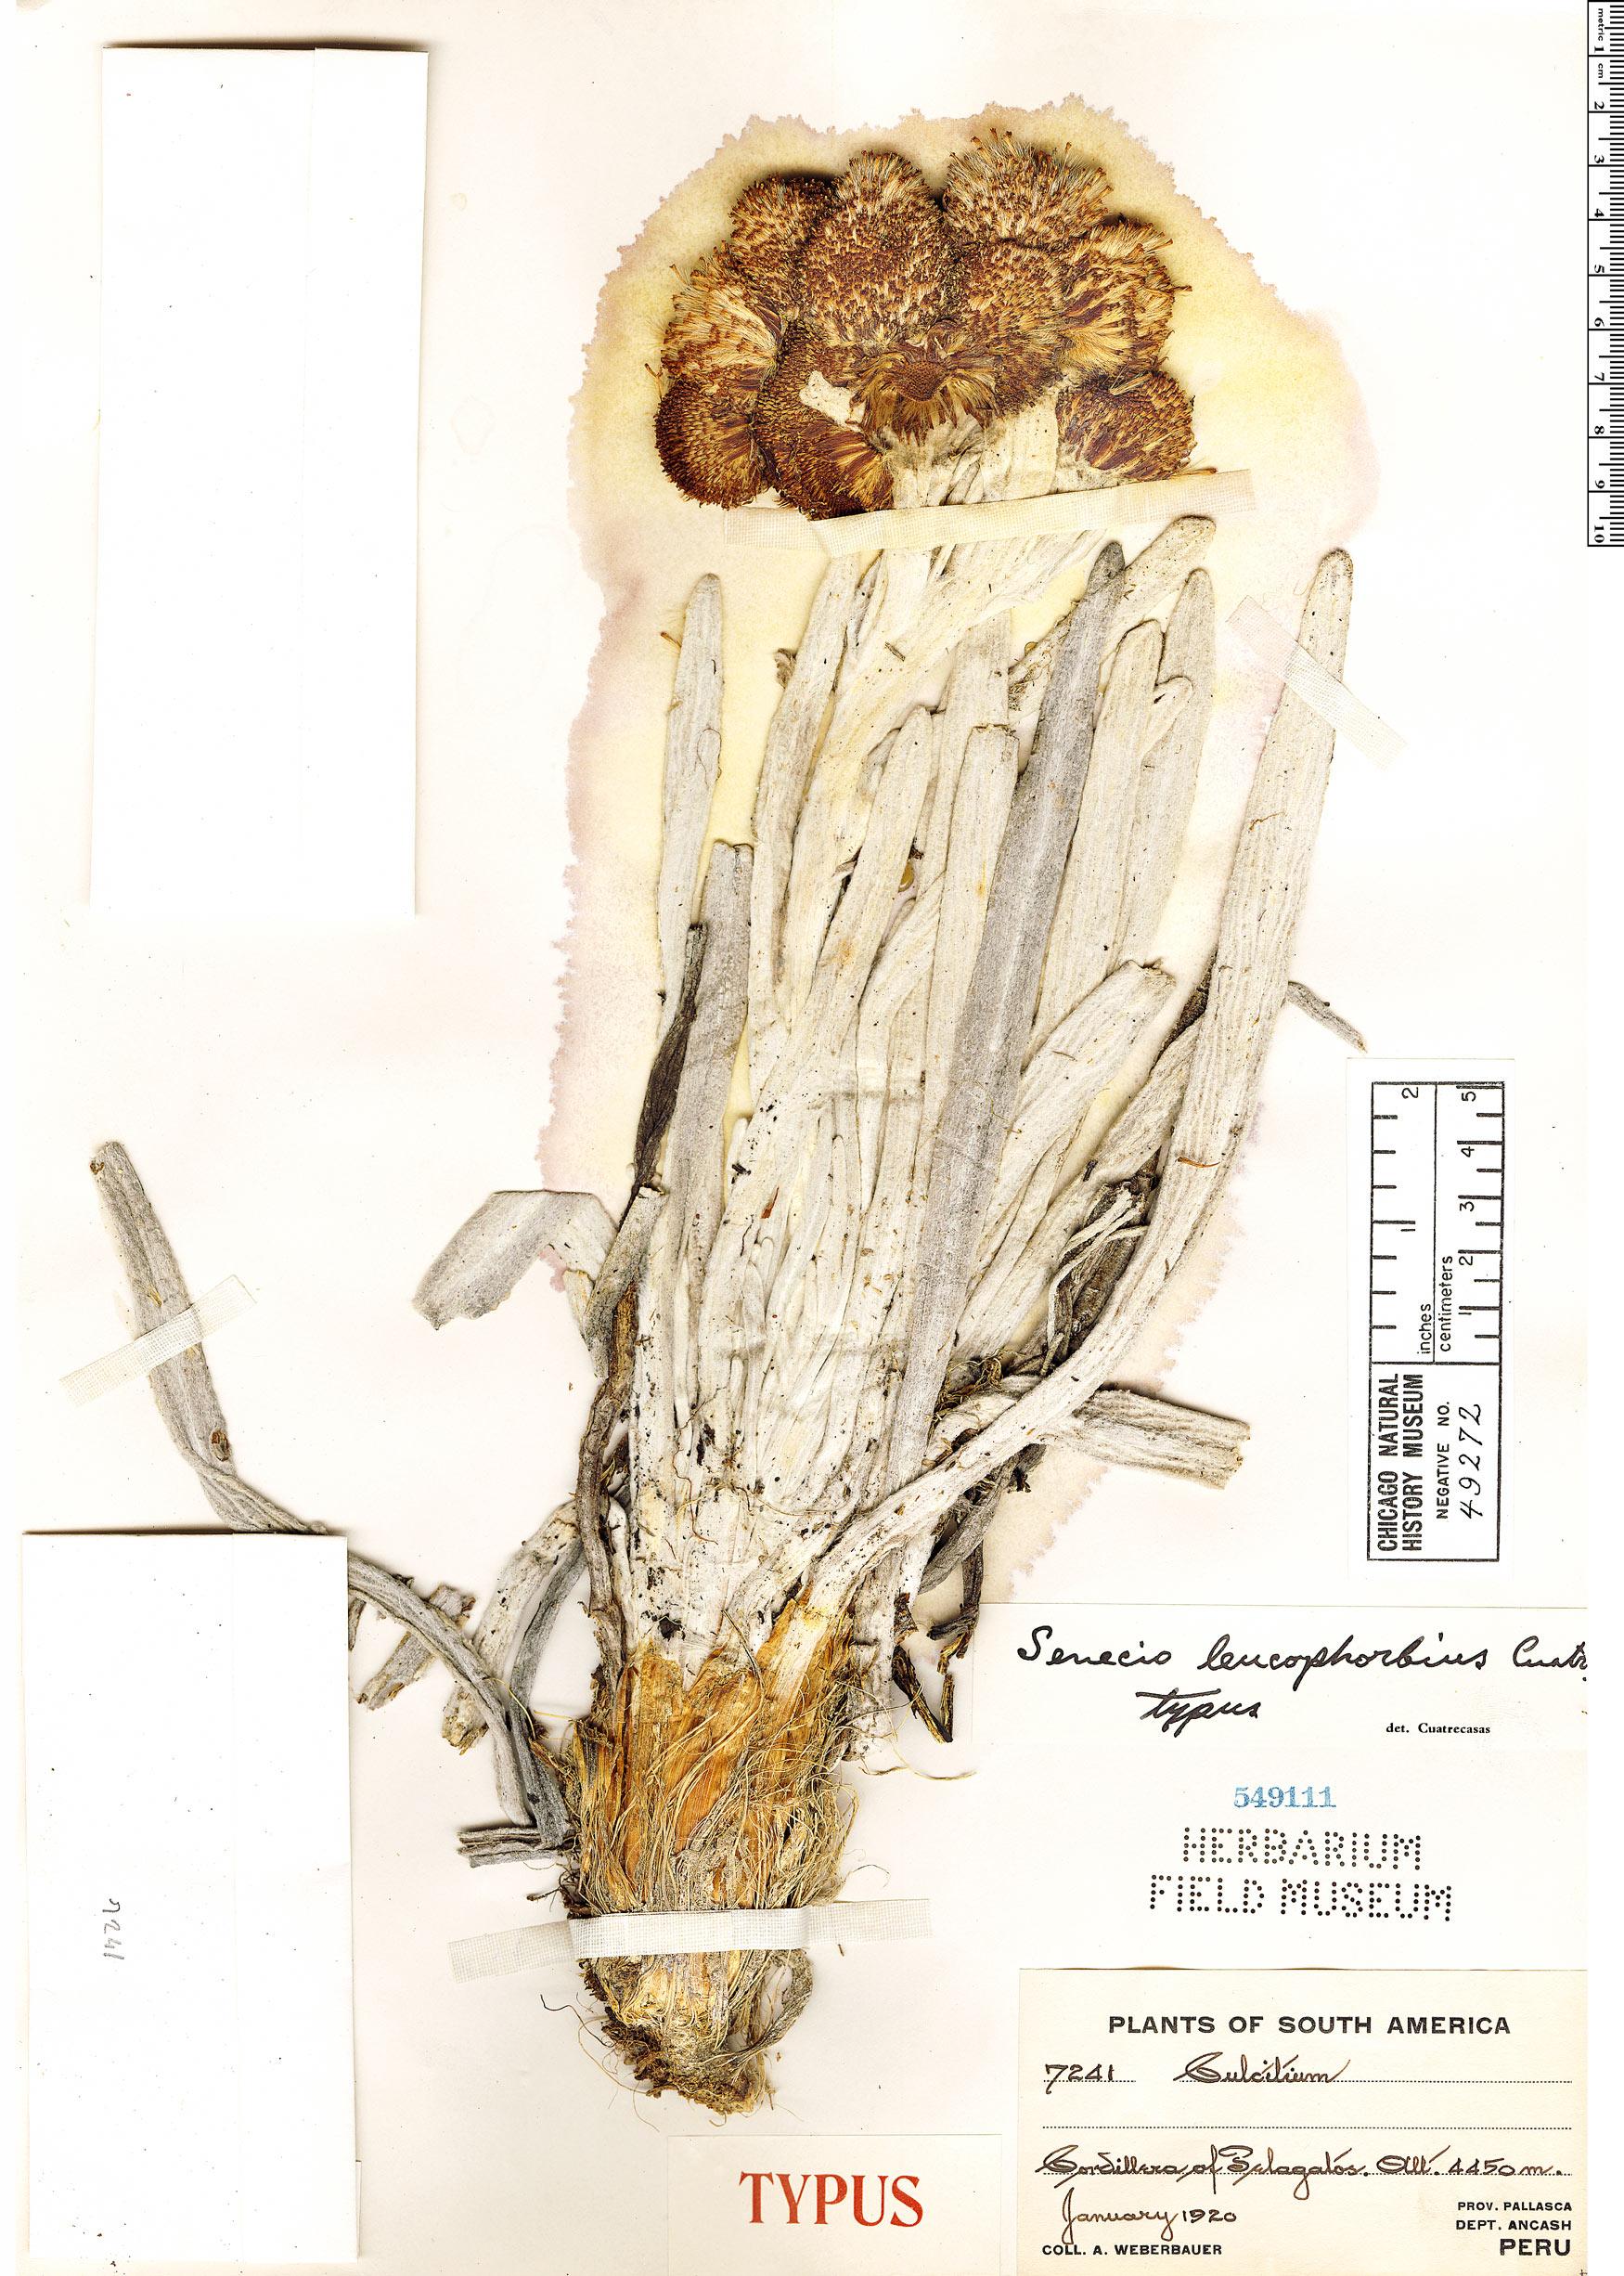 Specimen: Senecio leucophorbius